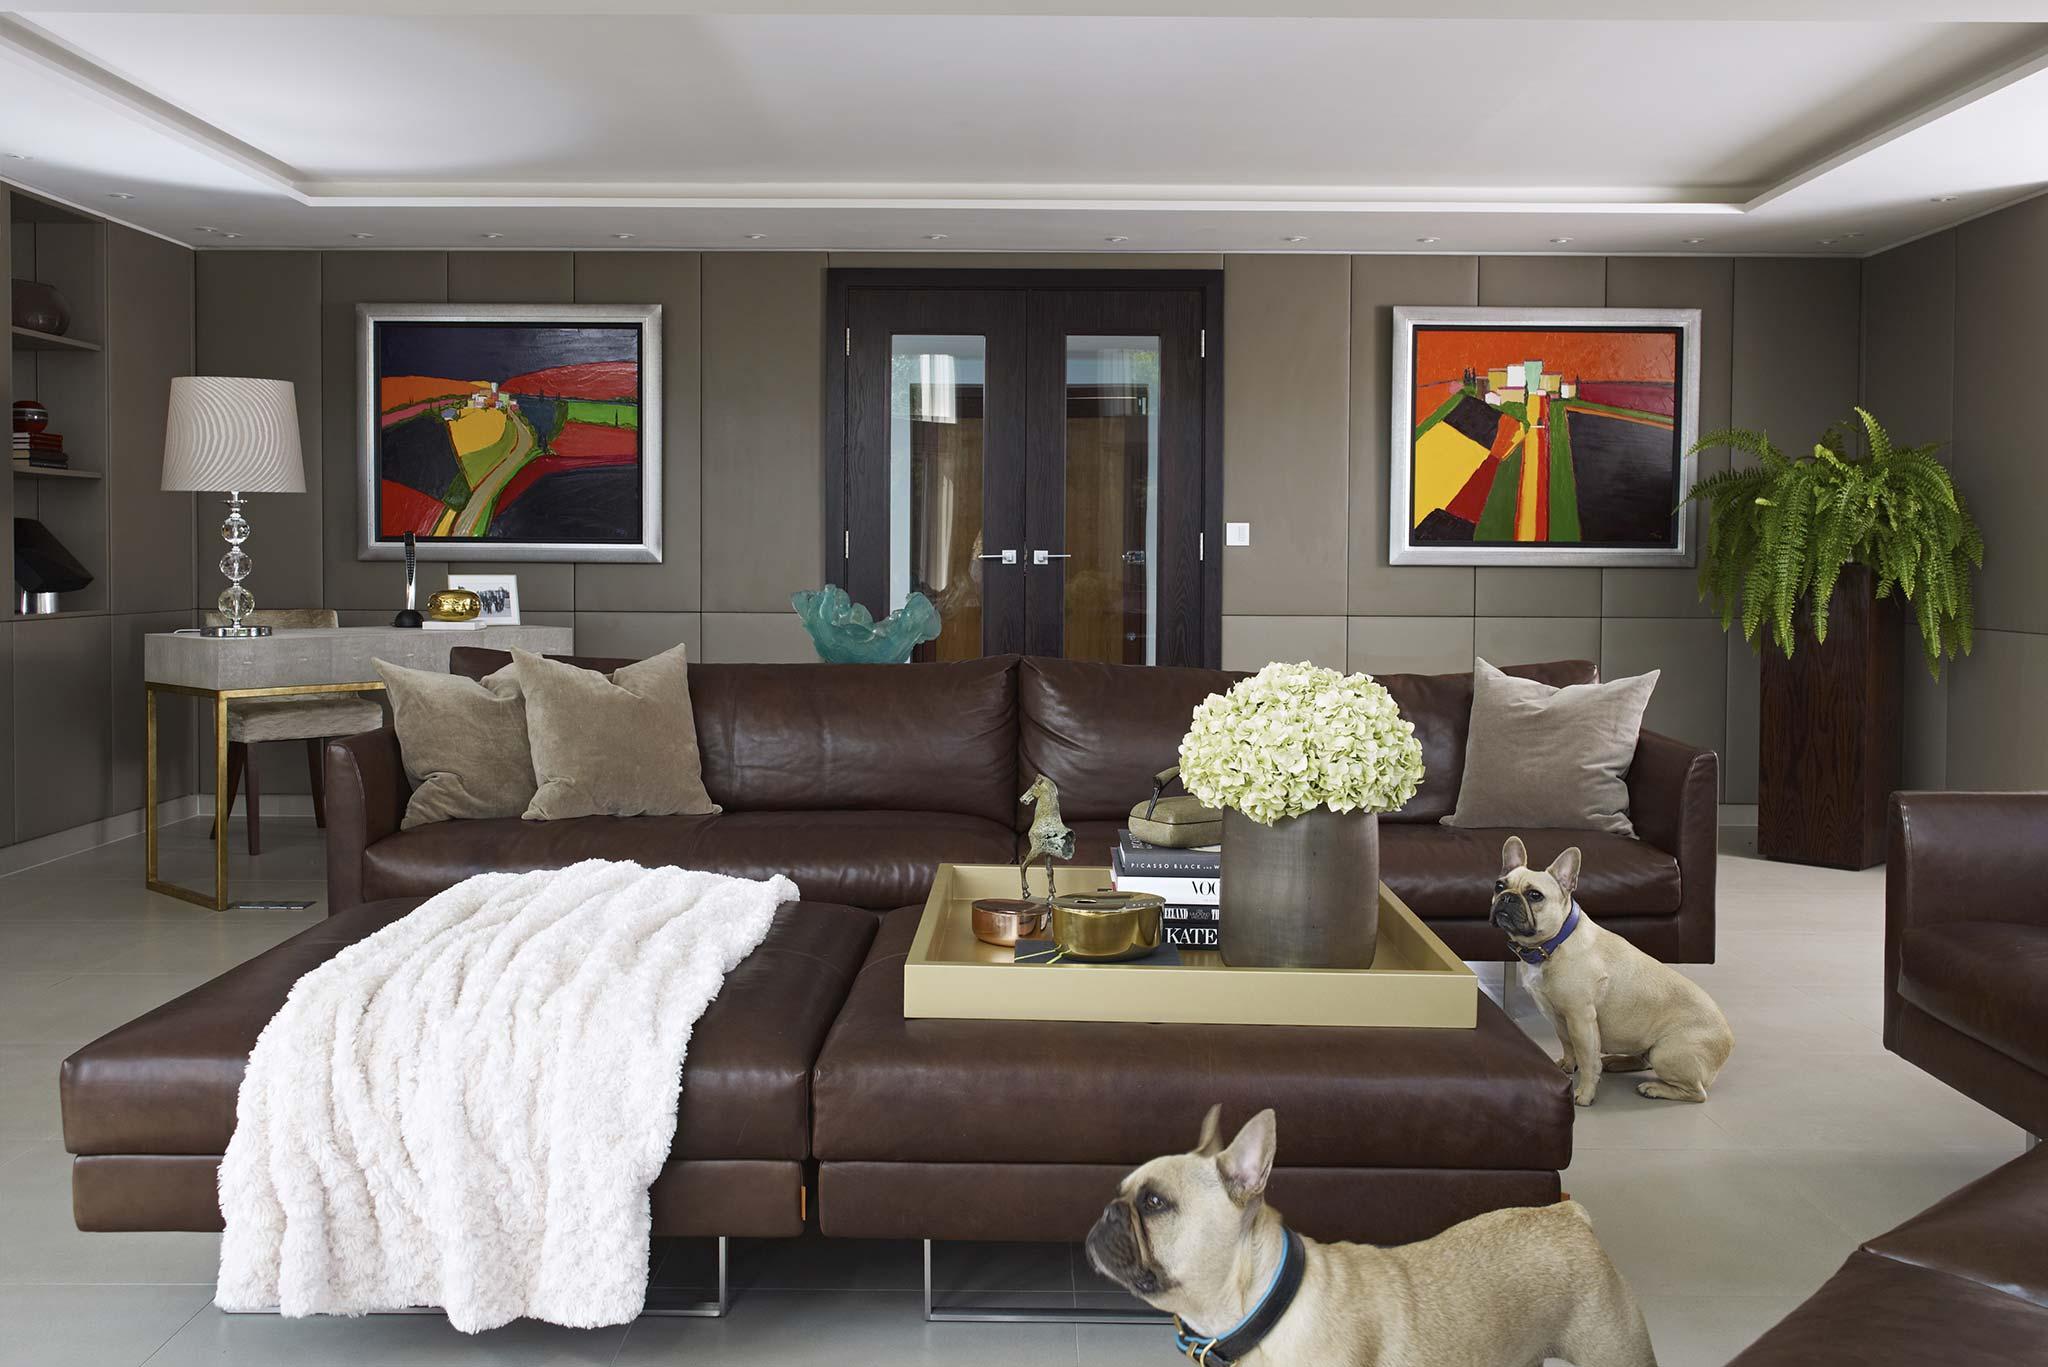 Interior Designers in Sunningdale, SL5